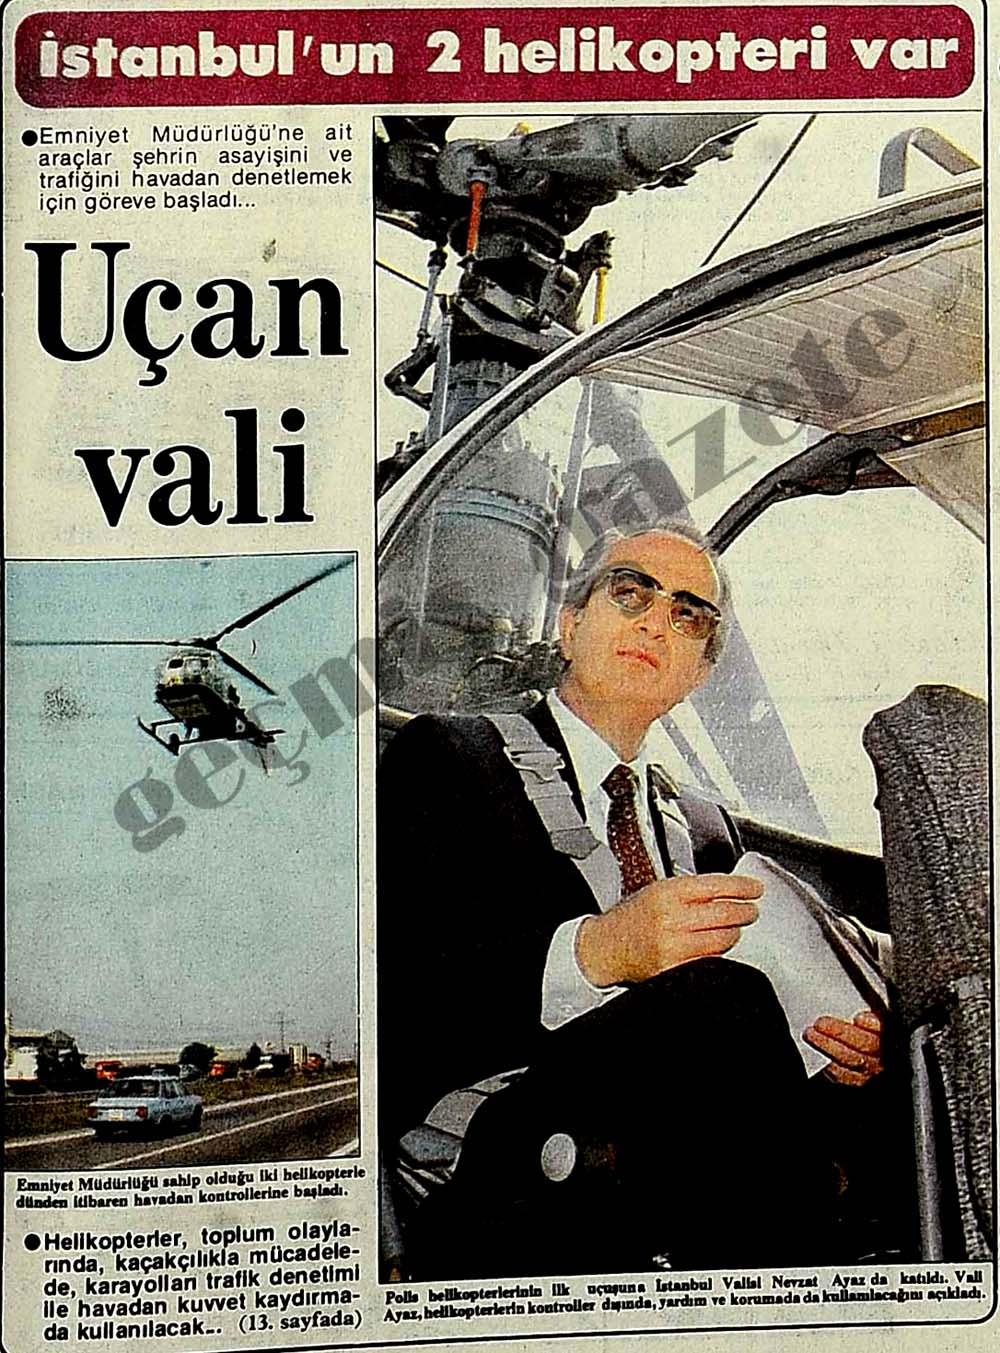 İstanbul'un 2 helipoteri var